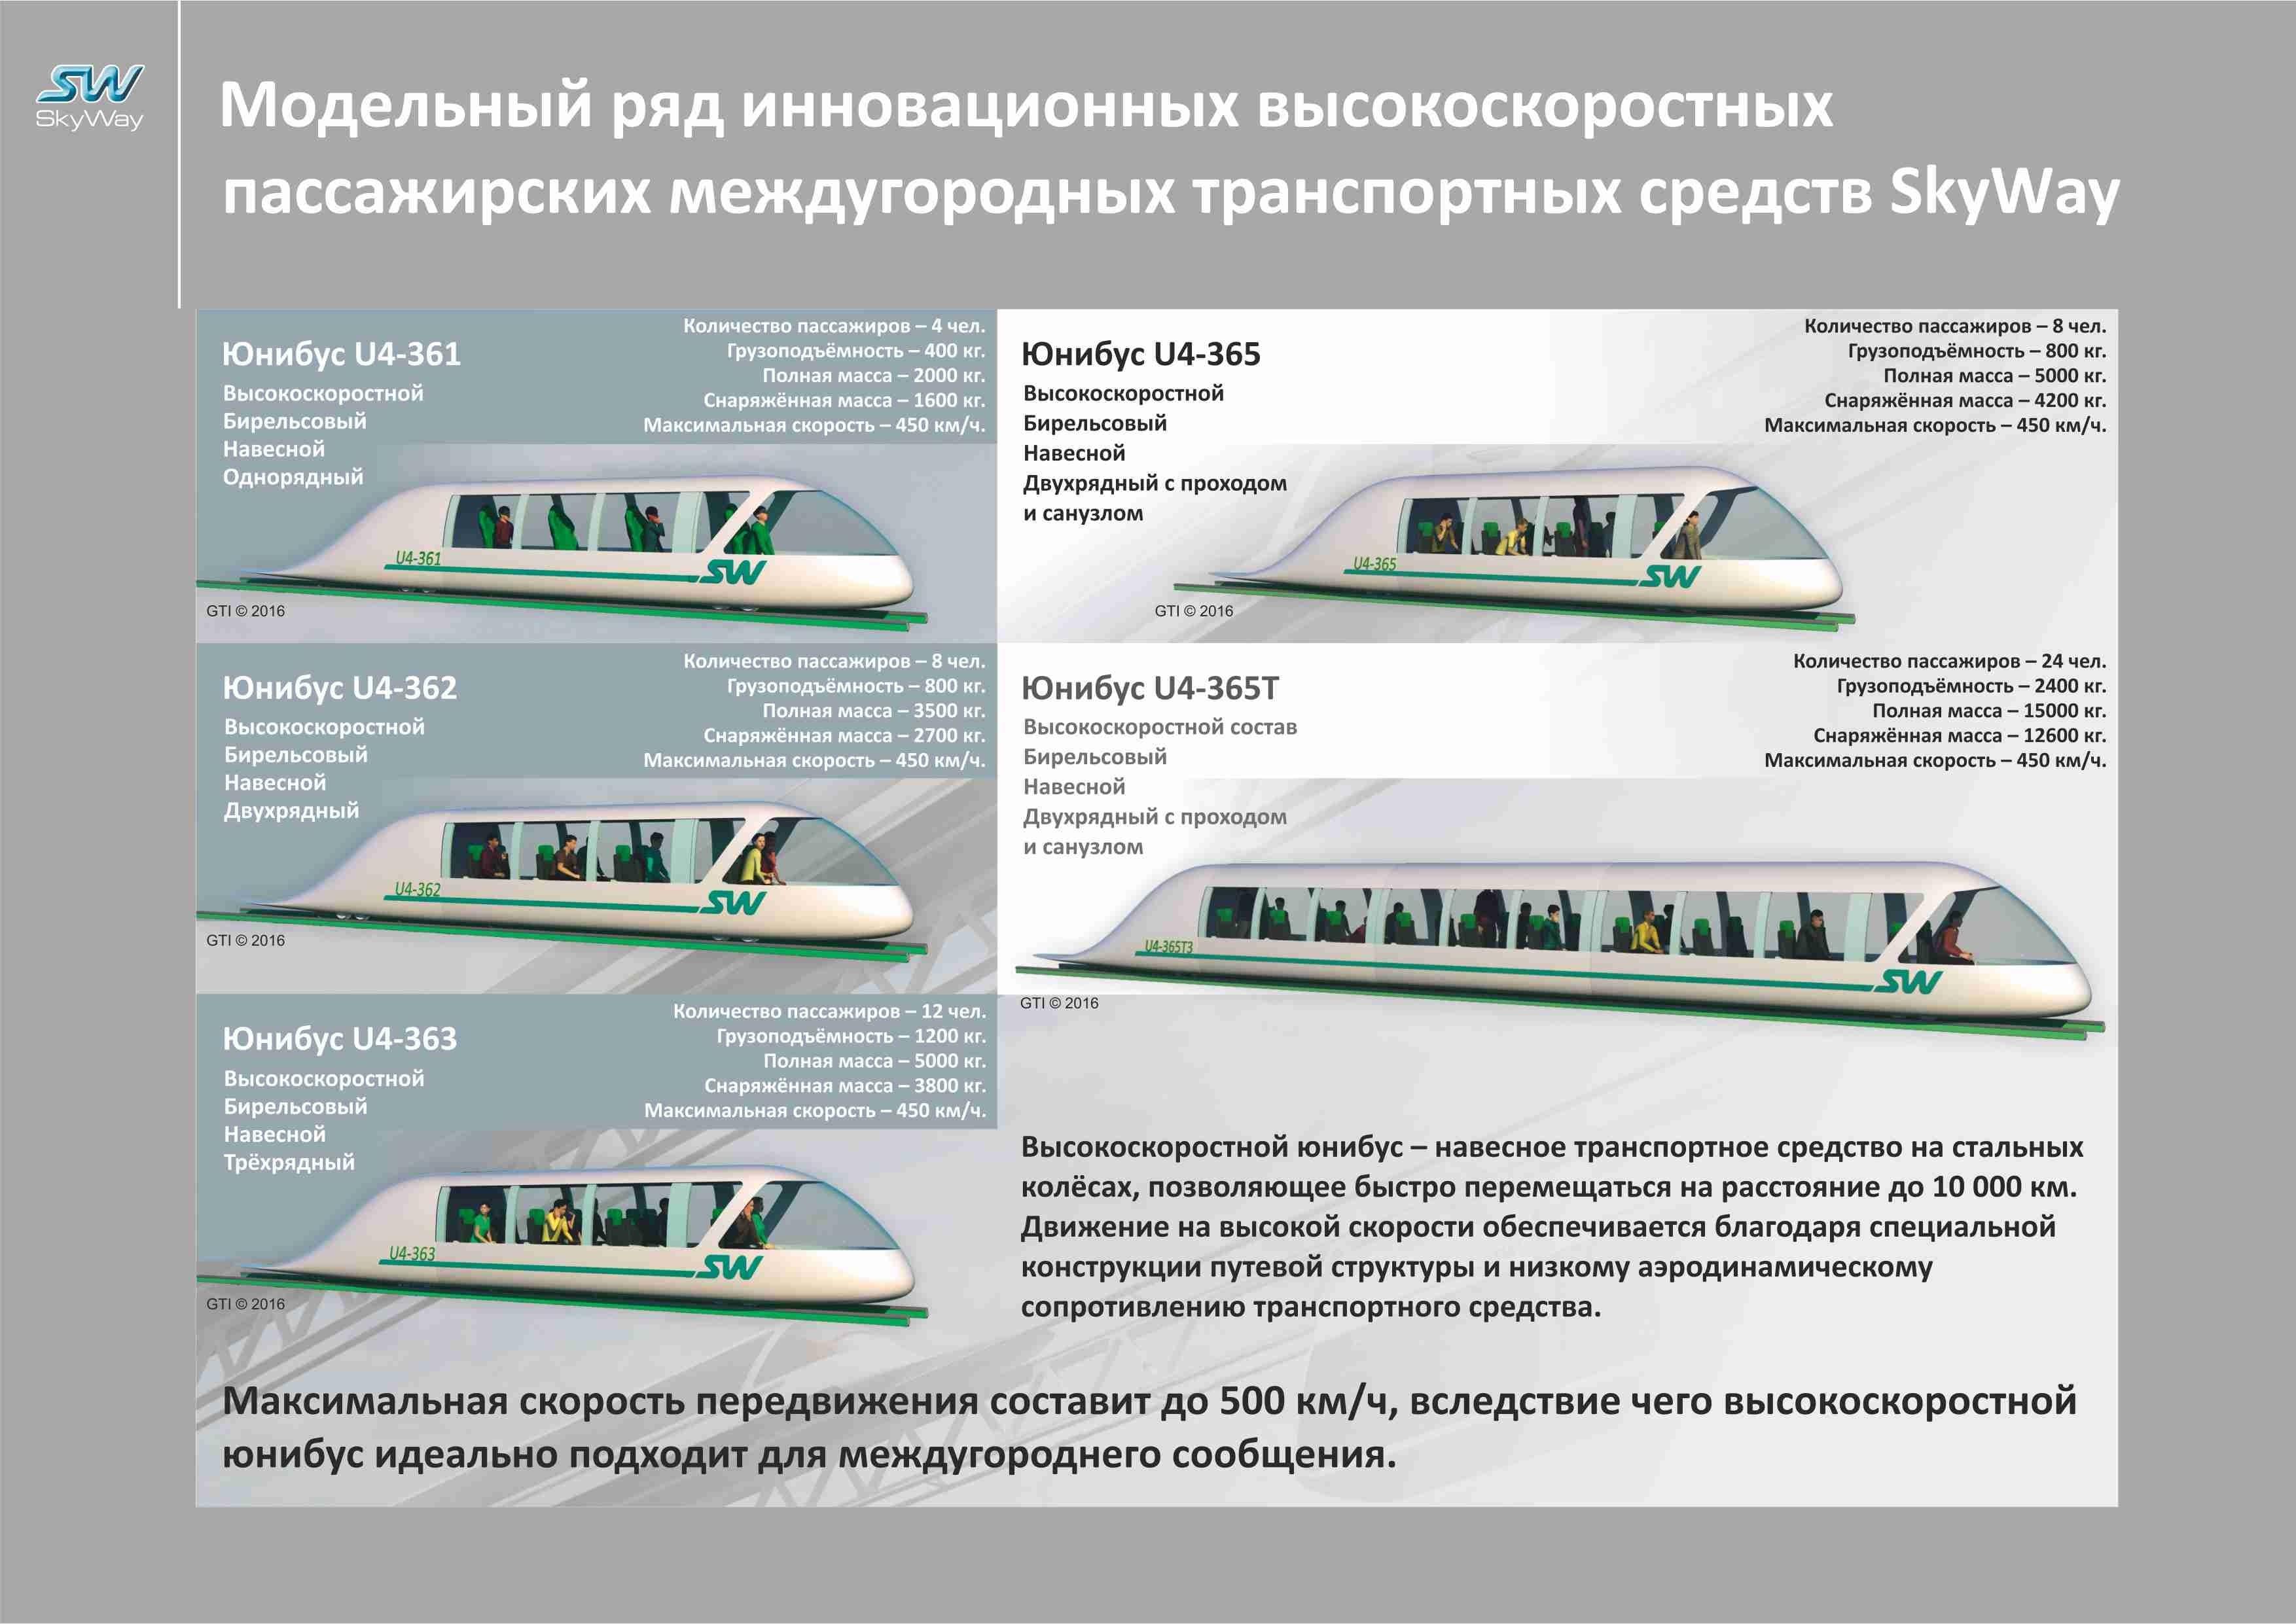 vysokoskorostnoy_ru